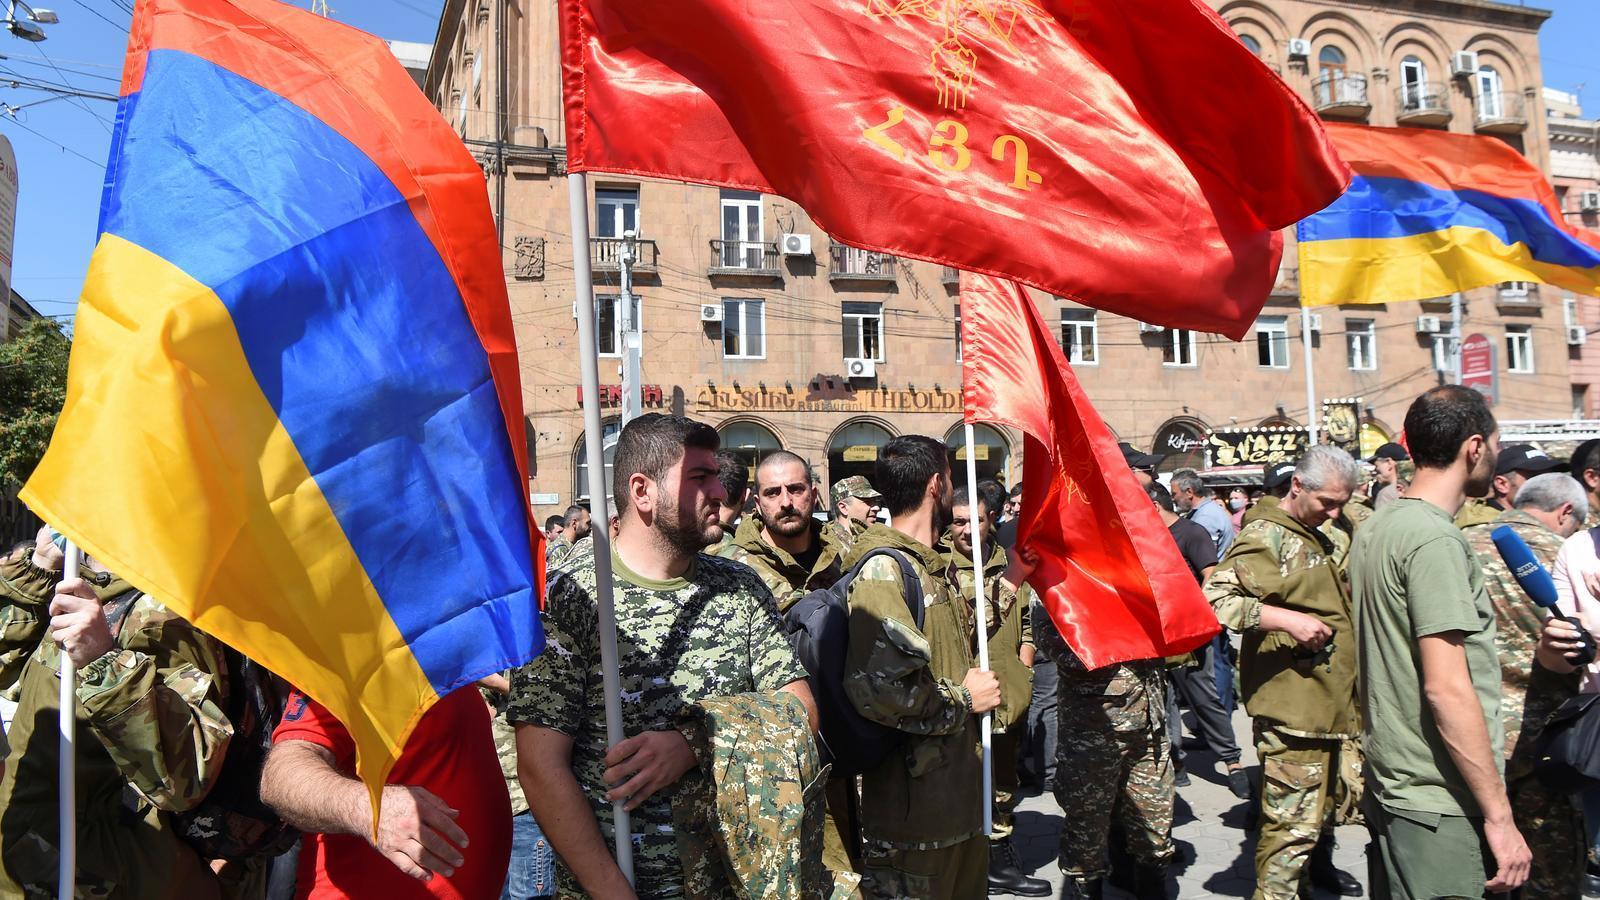 Voluntaris per enrolar-se a l'exèrcit a Erevan, la capital d'Armènia.